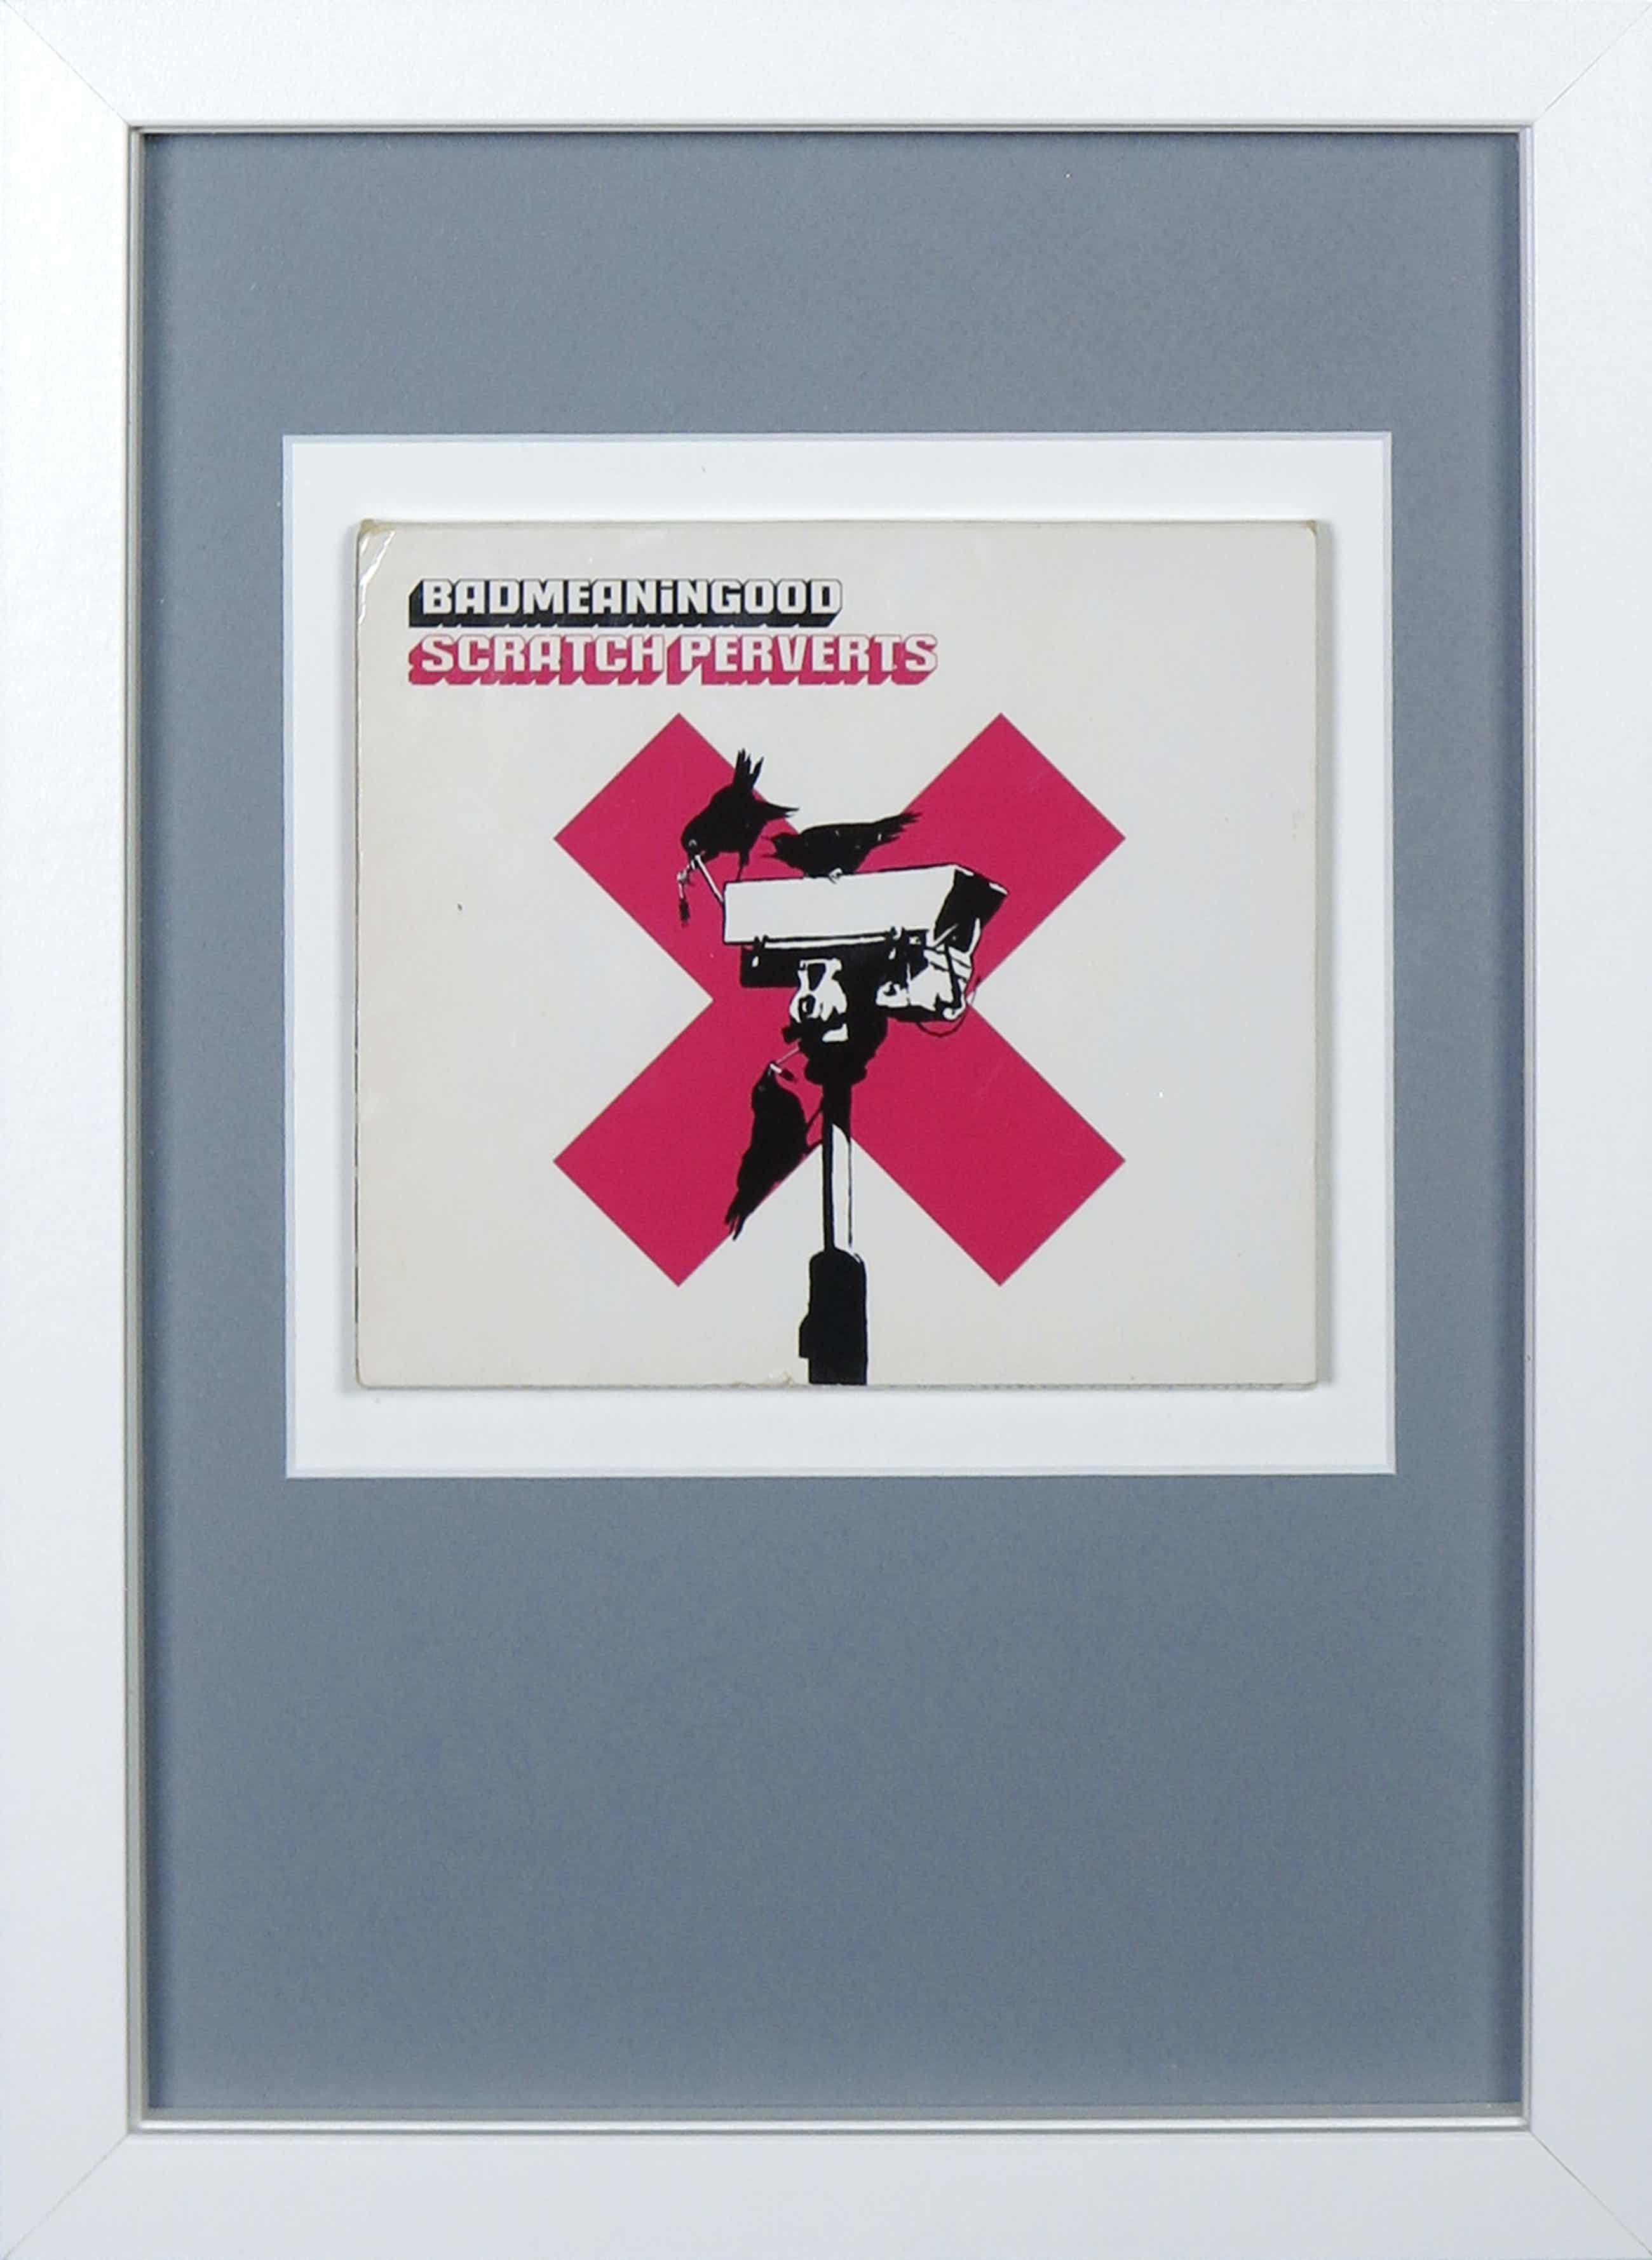 Banksy - Badmeaninggood vol. 4 door Scratch Perverts (CD) - Ingelijst kopen? Bied vanaf 100!